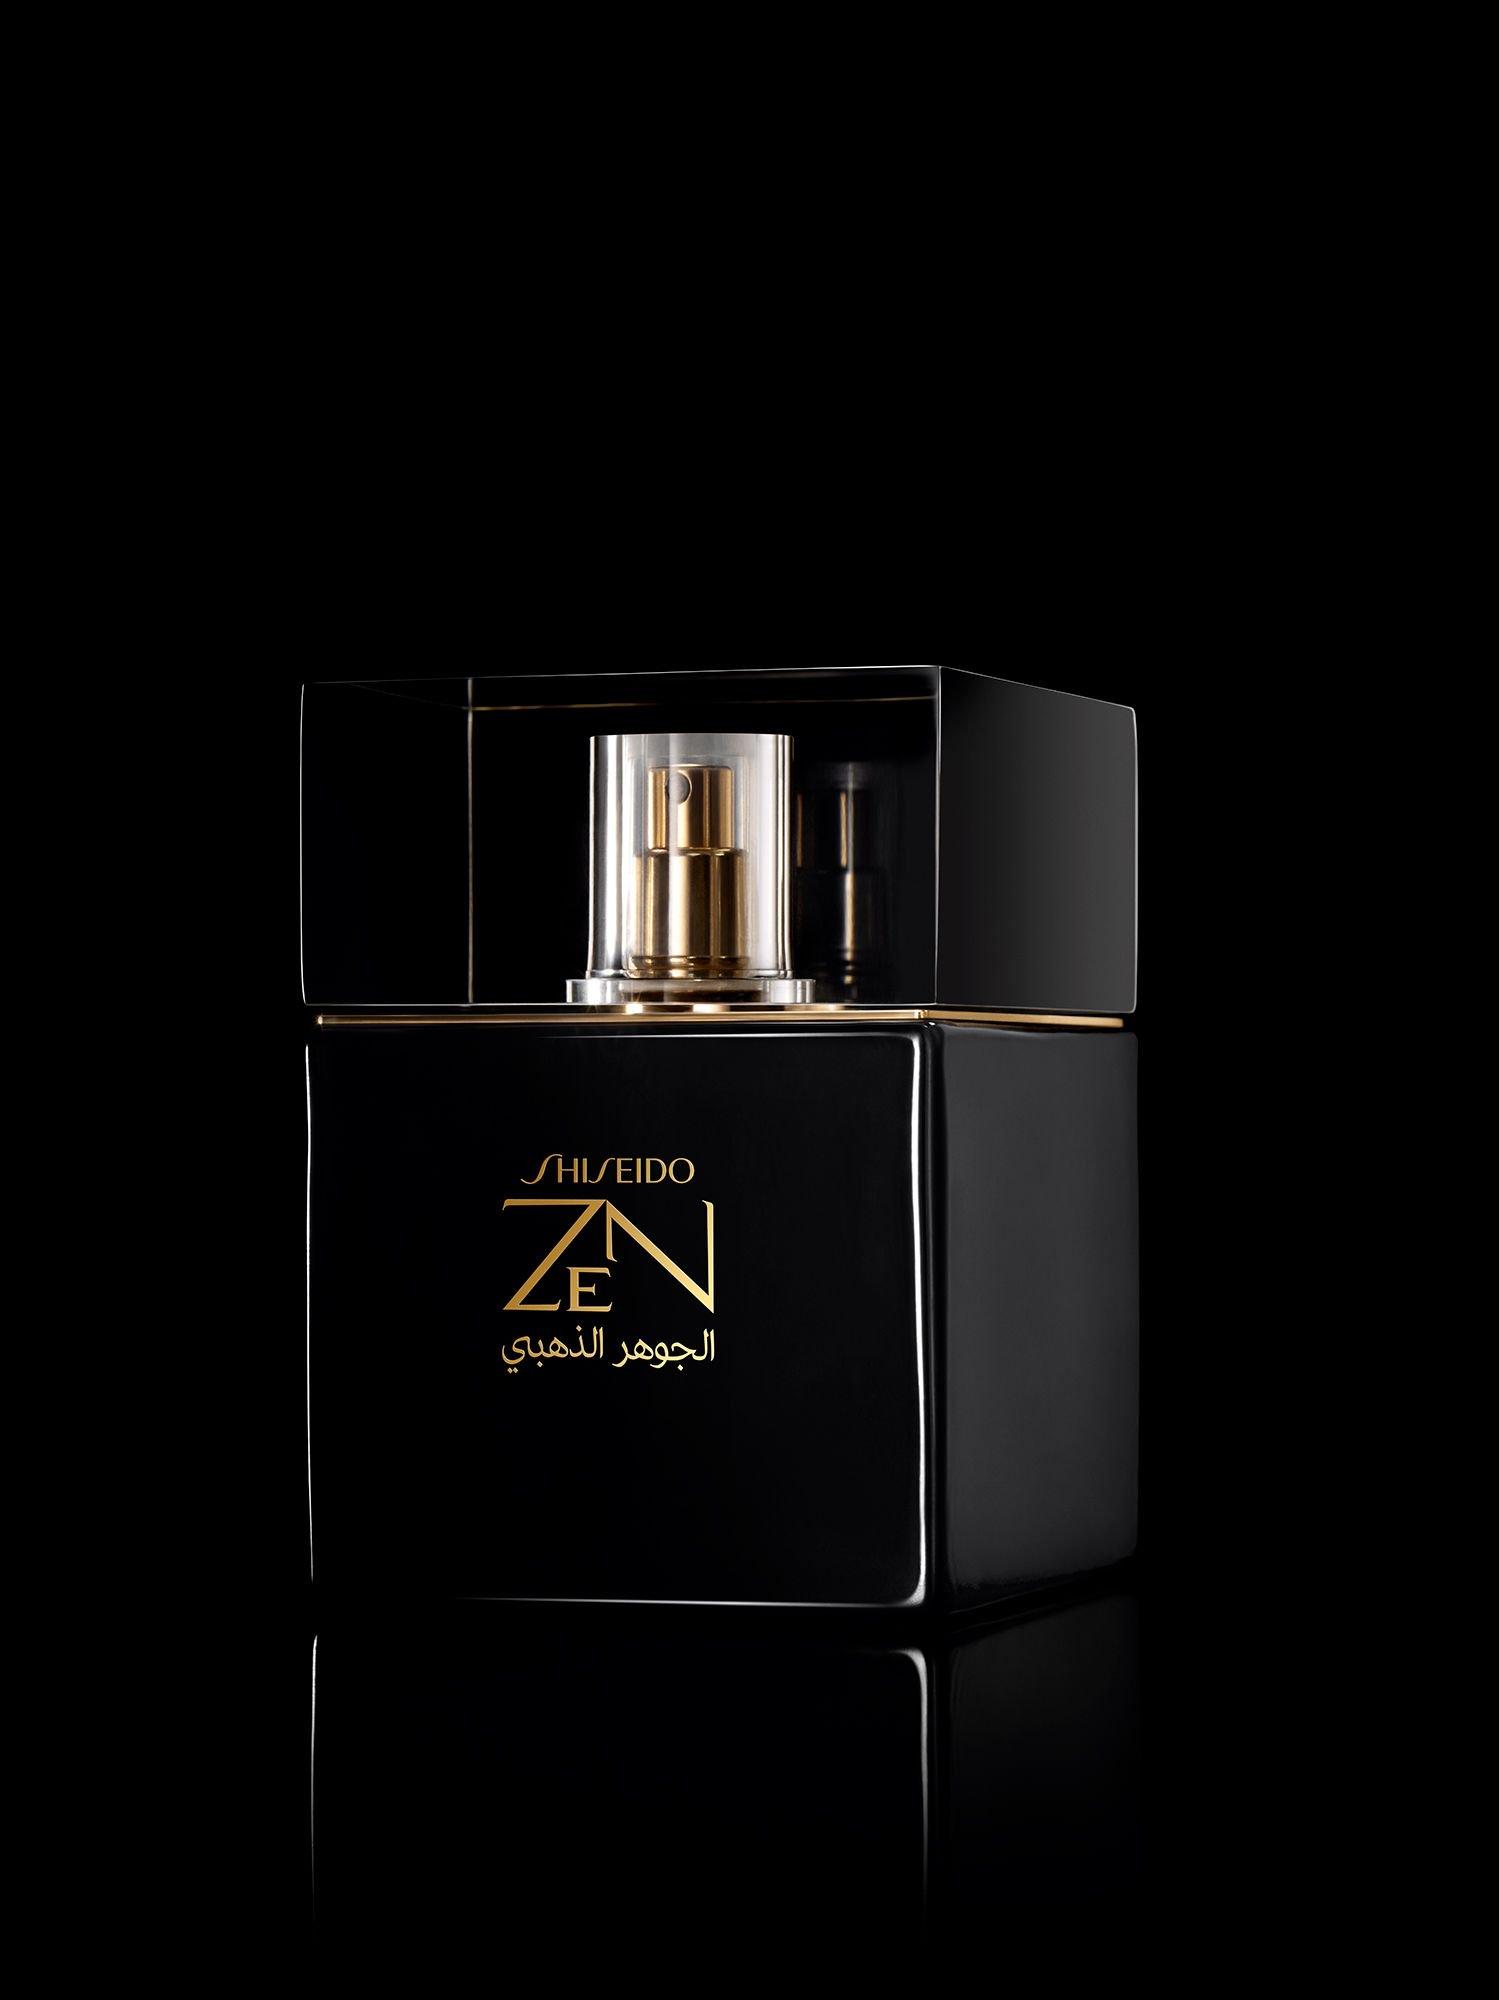 Shiseido-Zen-Gold-Elixir-Banner.jpg